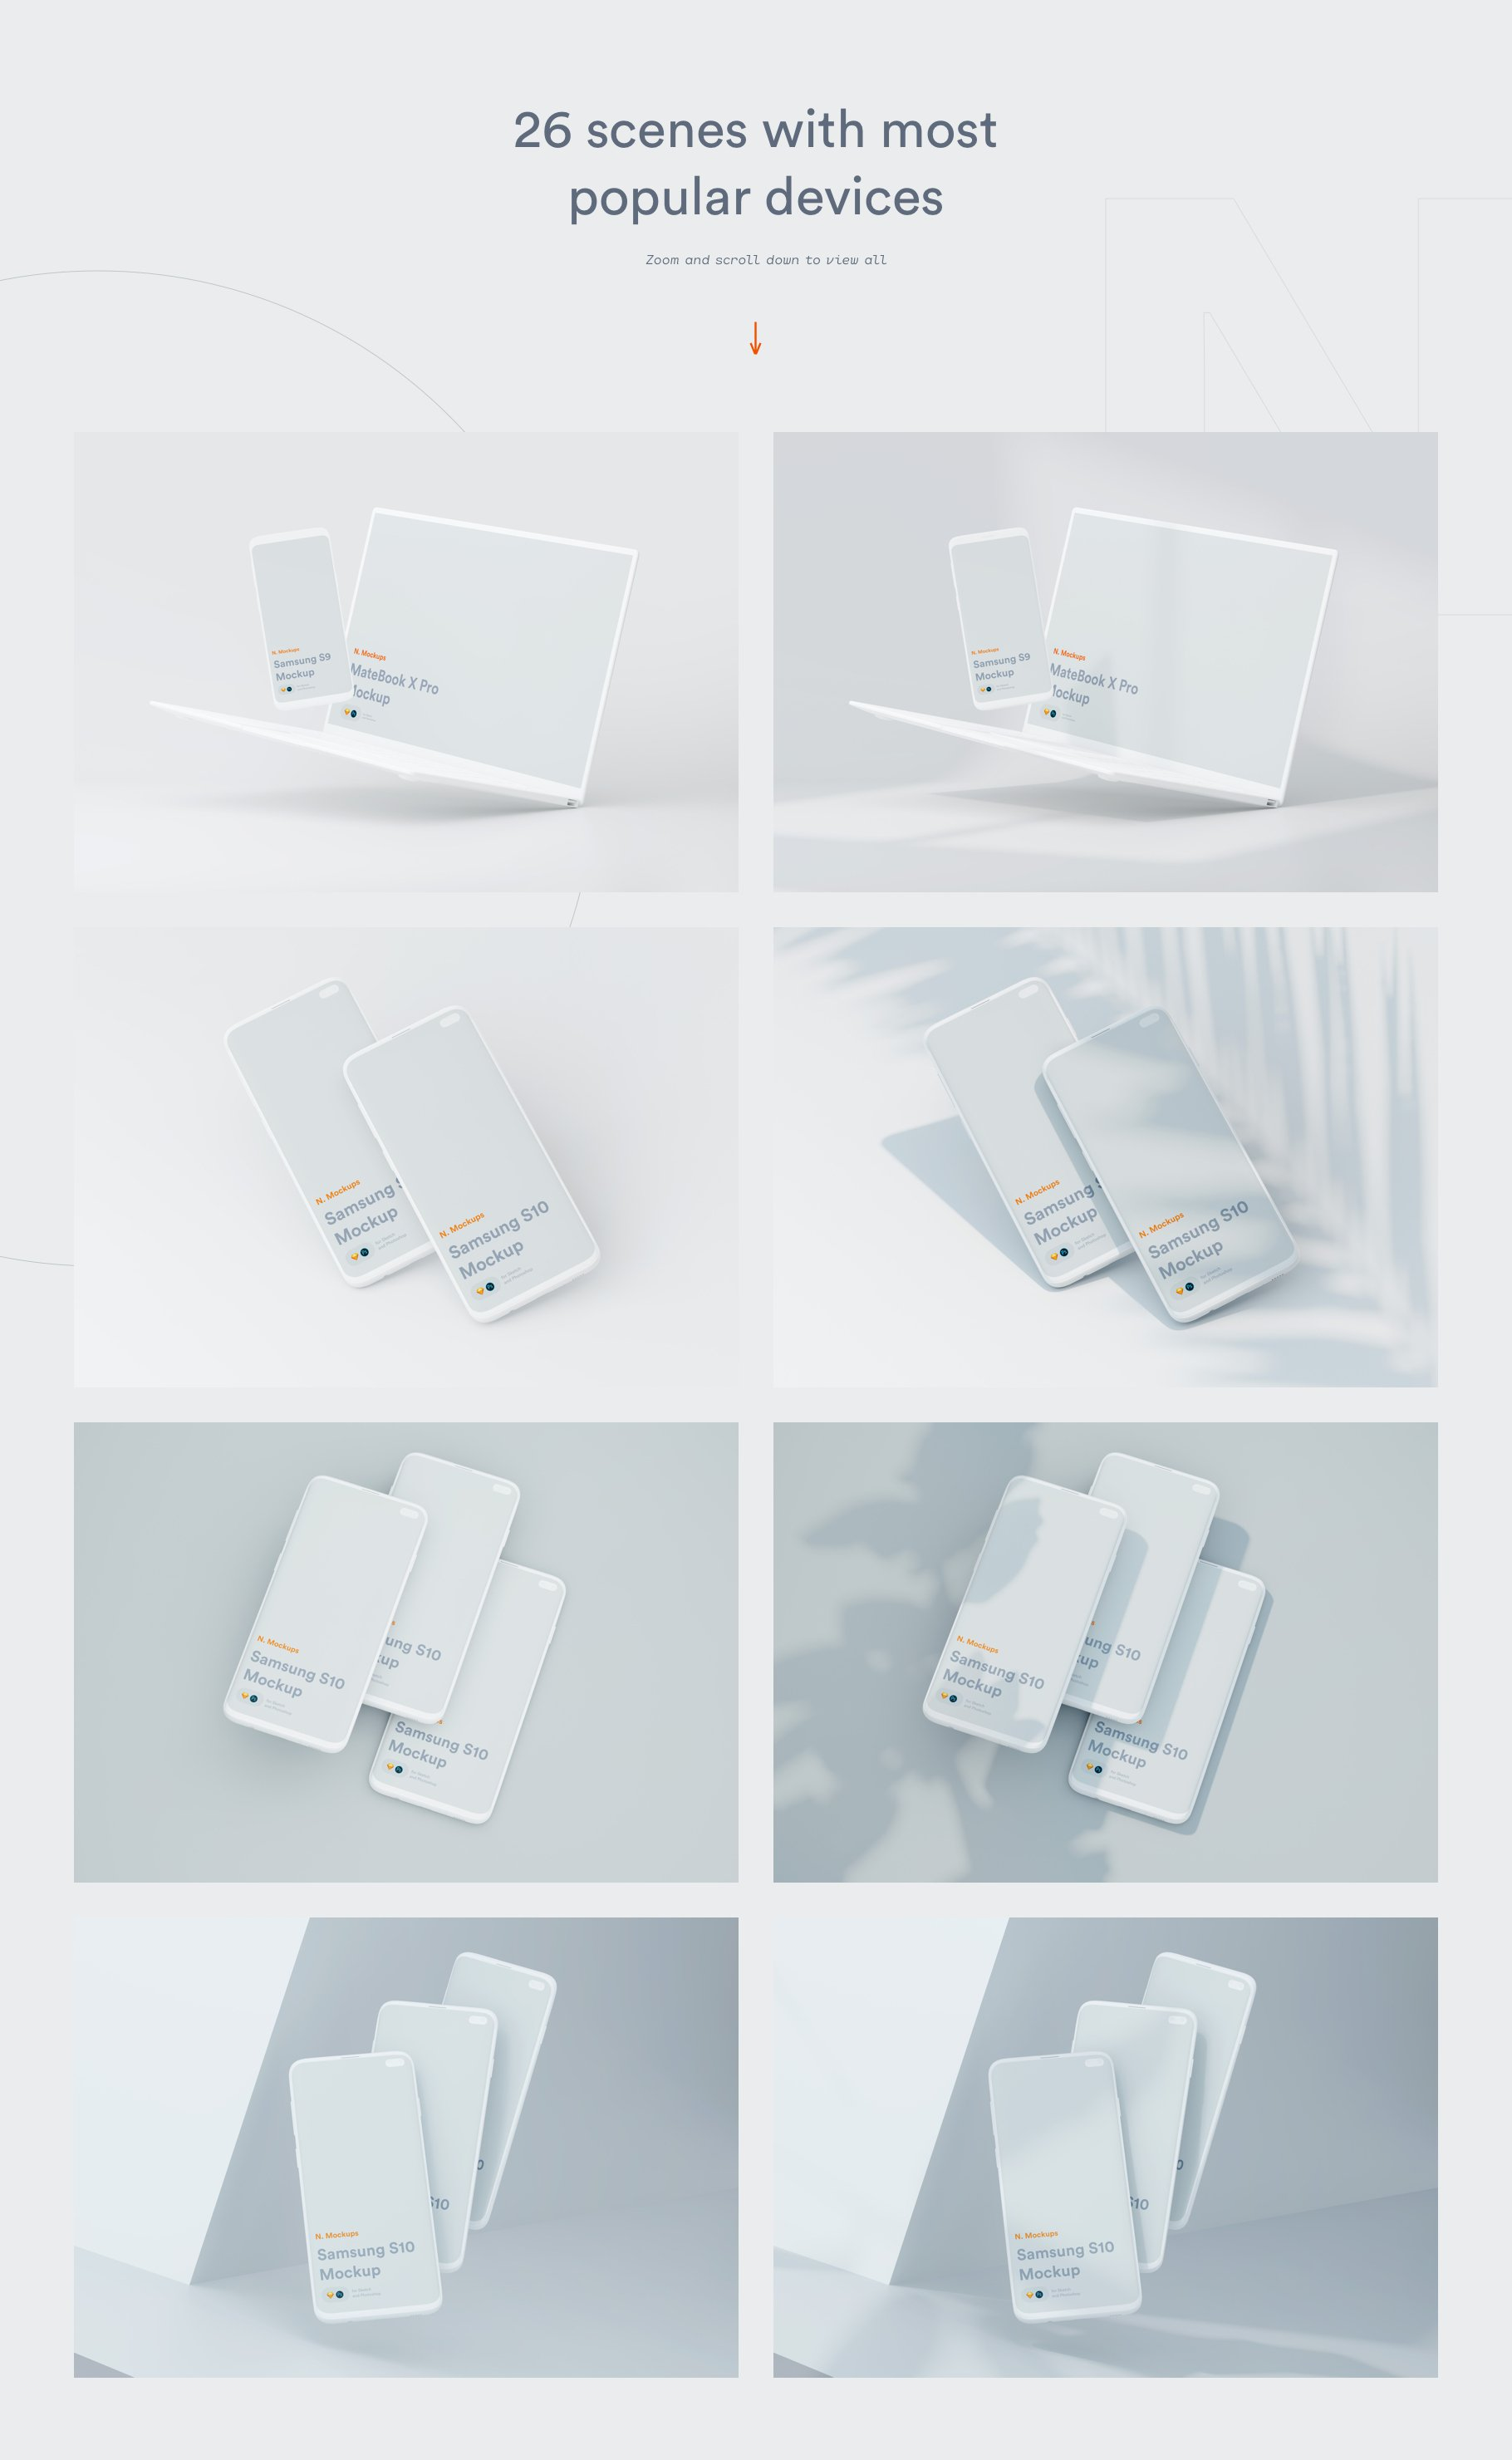 [单独购买] 超大网站APP设计陶瓷苹果设备屏幕演示样机模板素材套装 N.Mockups插图7